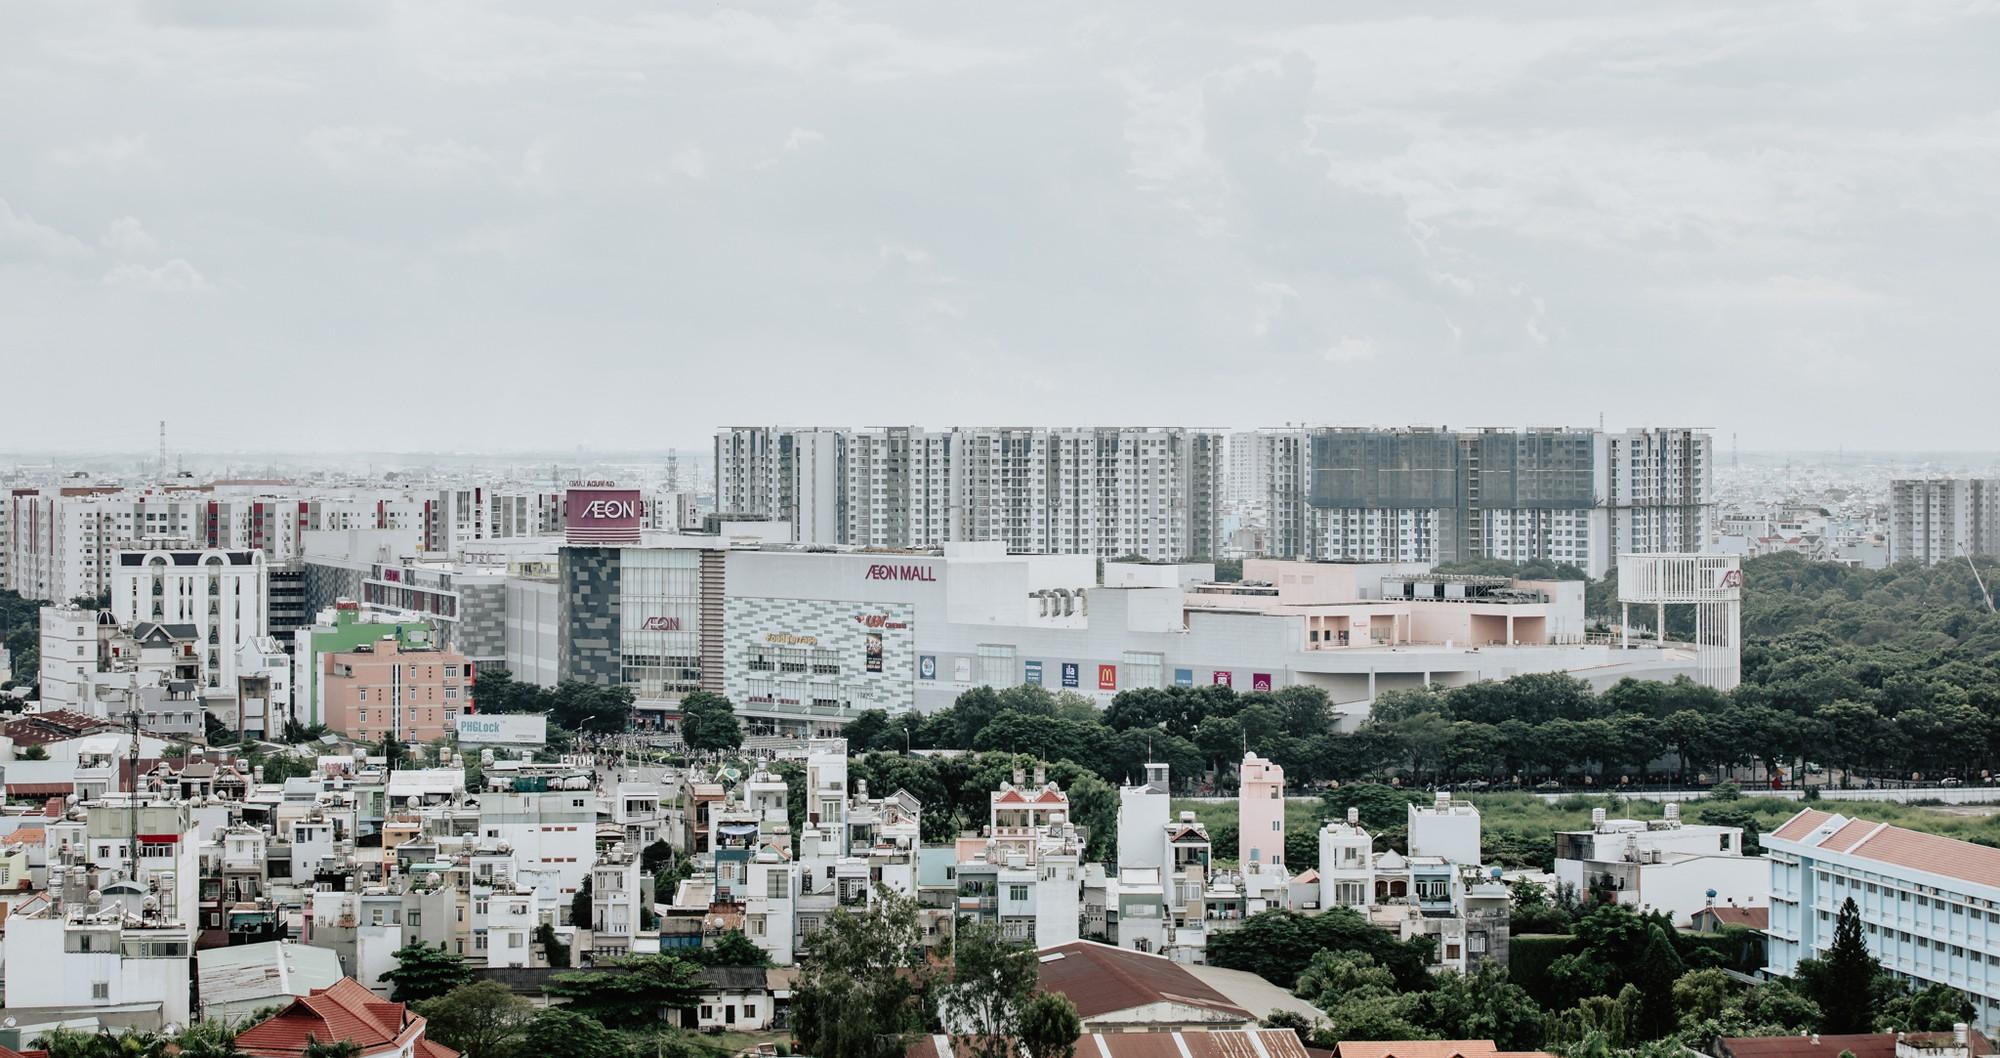 AEONMALL với nghìn lẻ câu chuyện xây dựng nên những Happiness mall độc đáo tại thị trường Việt Nam - Ảnh 4.